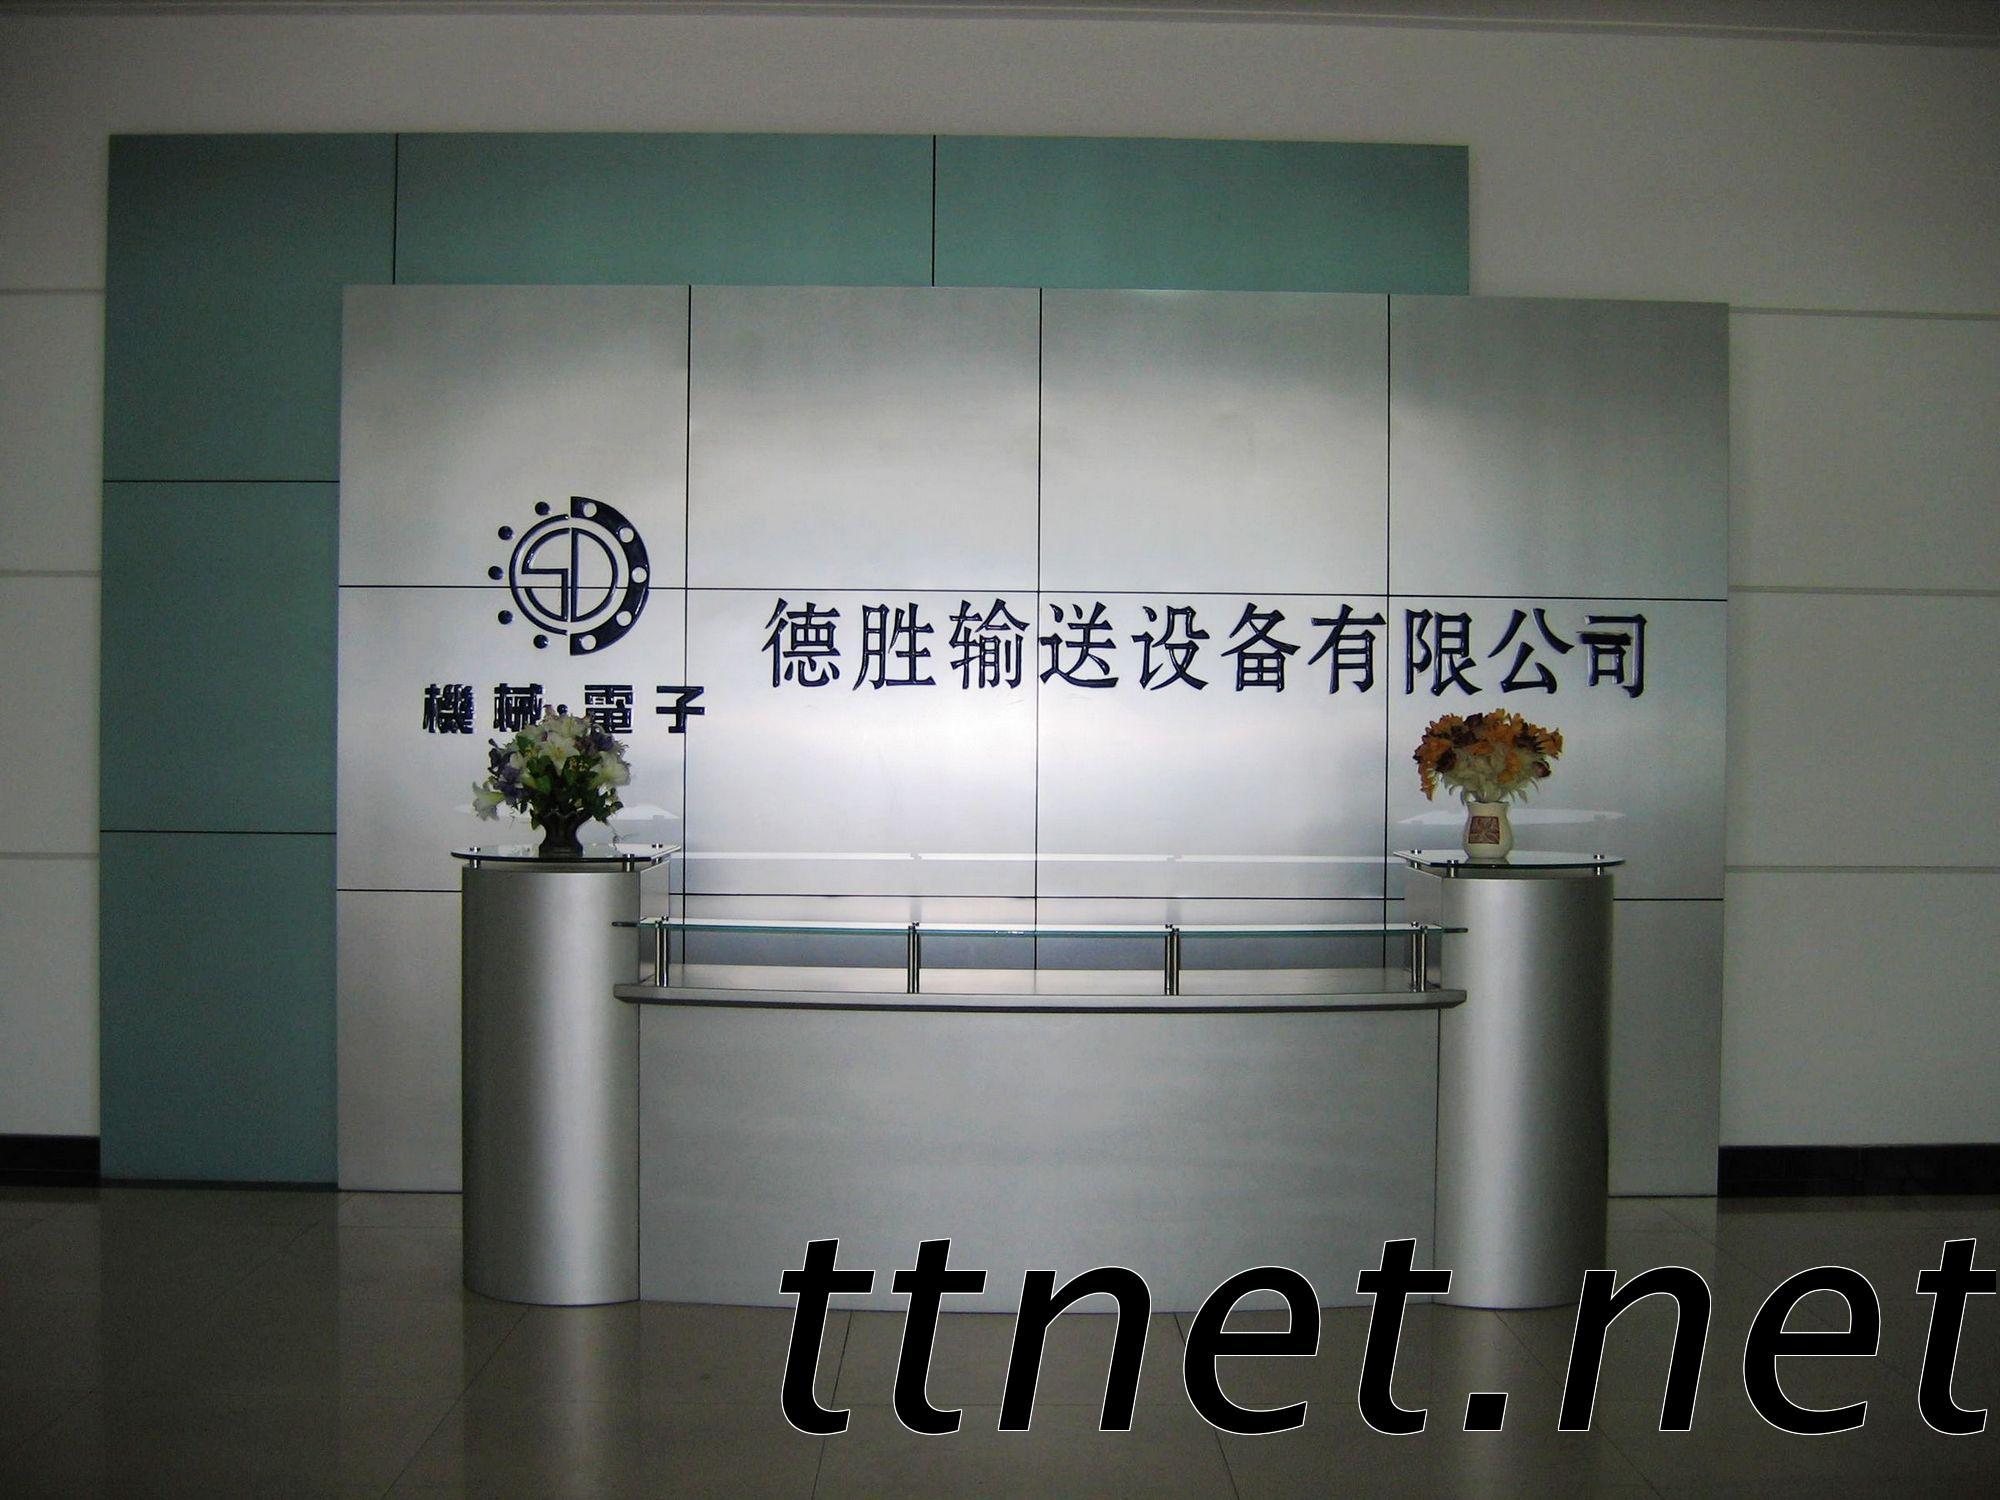 Guangzhou Kintop Conveyor Equipment Co., Ltd.